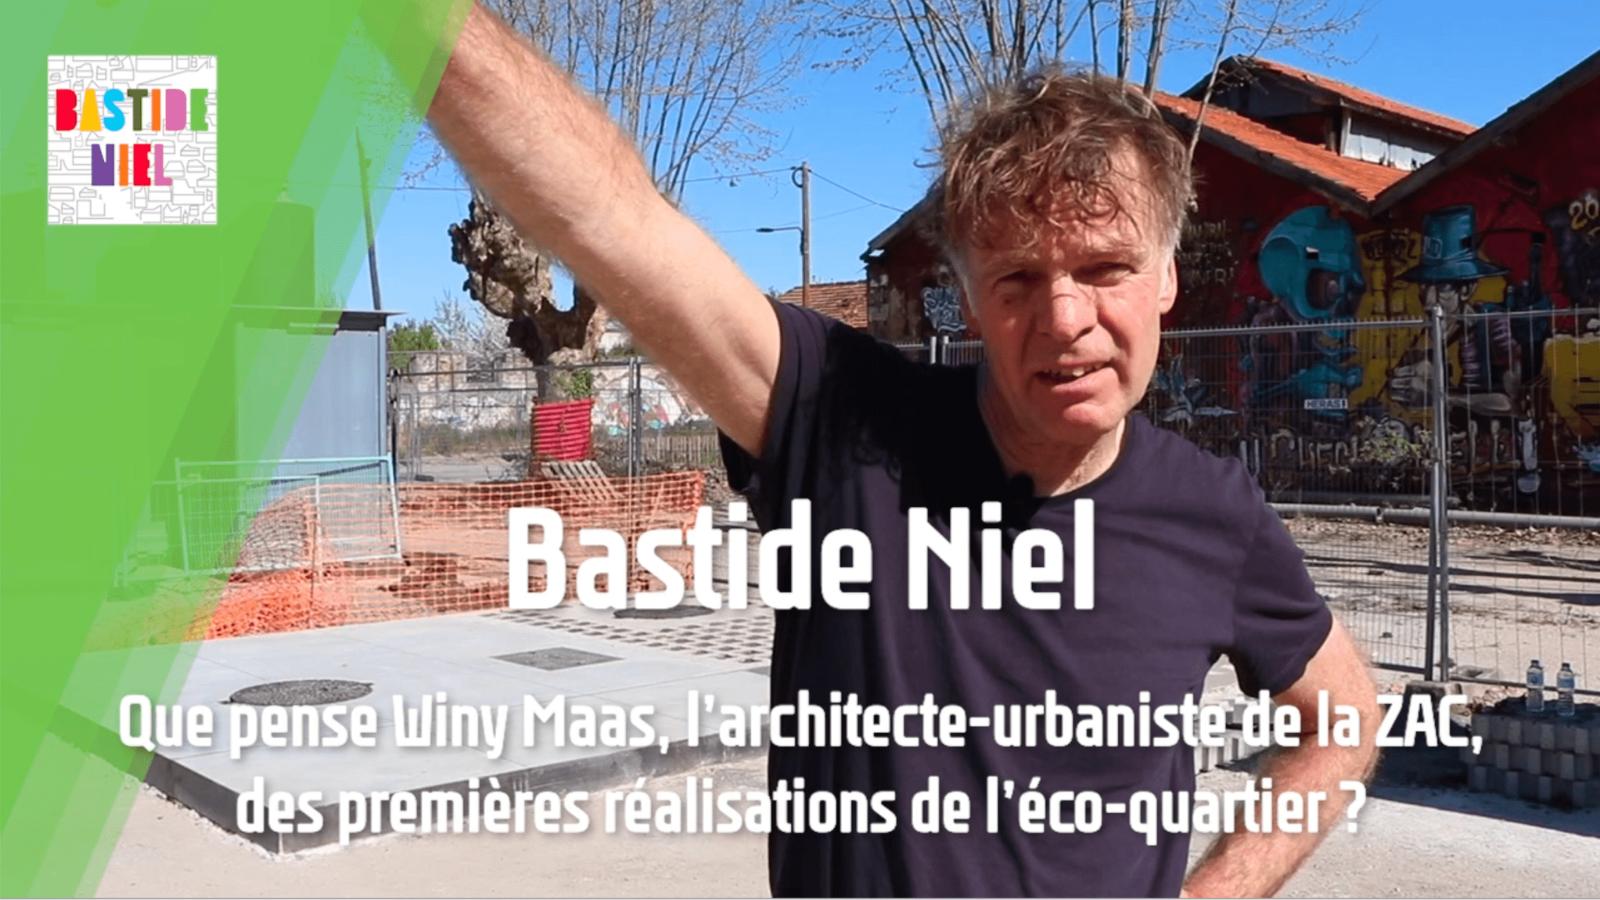 Winy Maas Bastide Niel